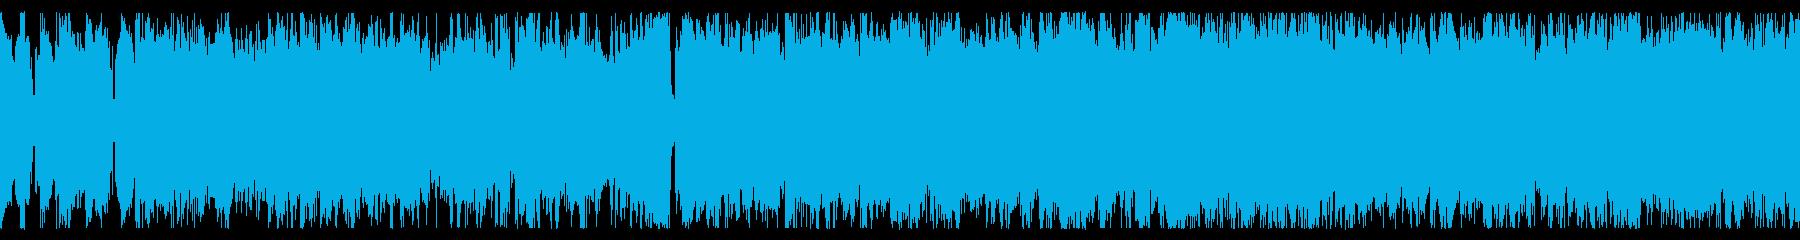 ループ素材 ポップで軽快なチップチューンの再生済みの波形